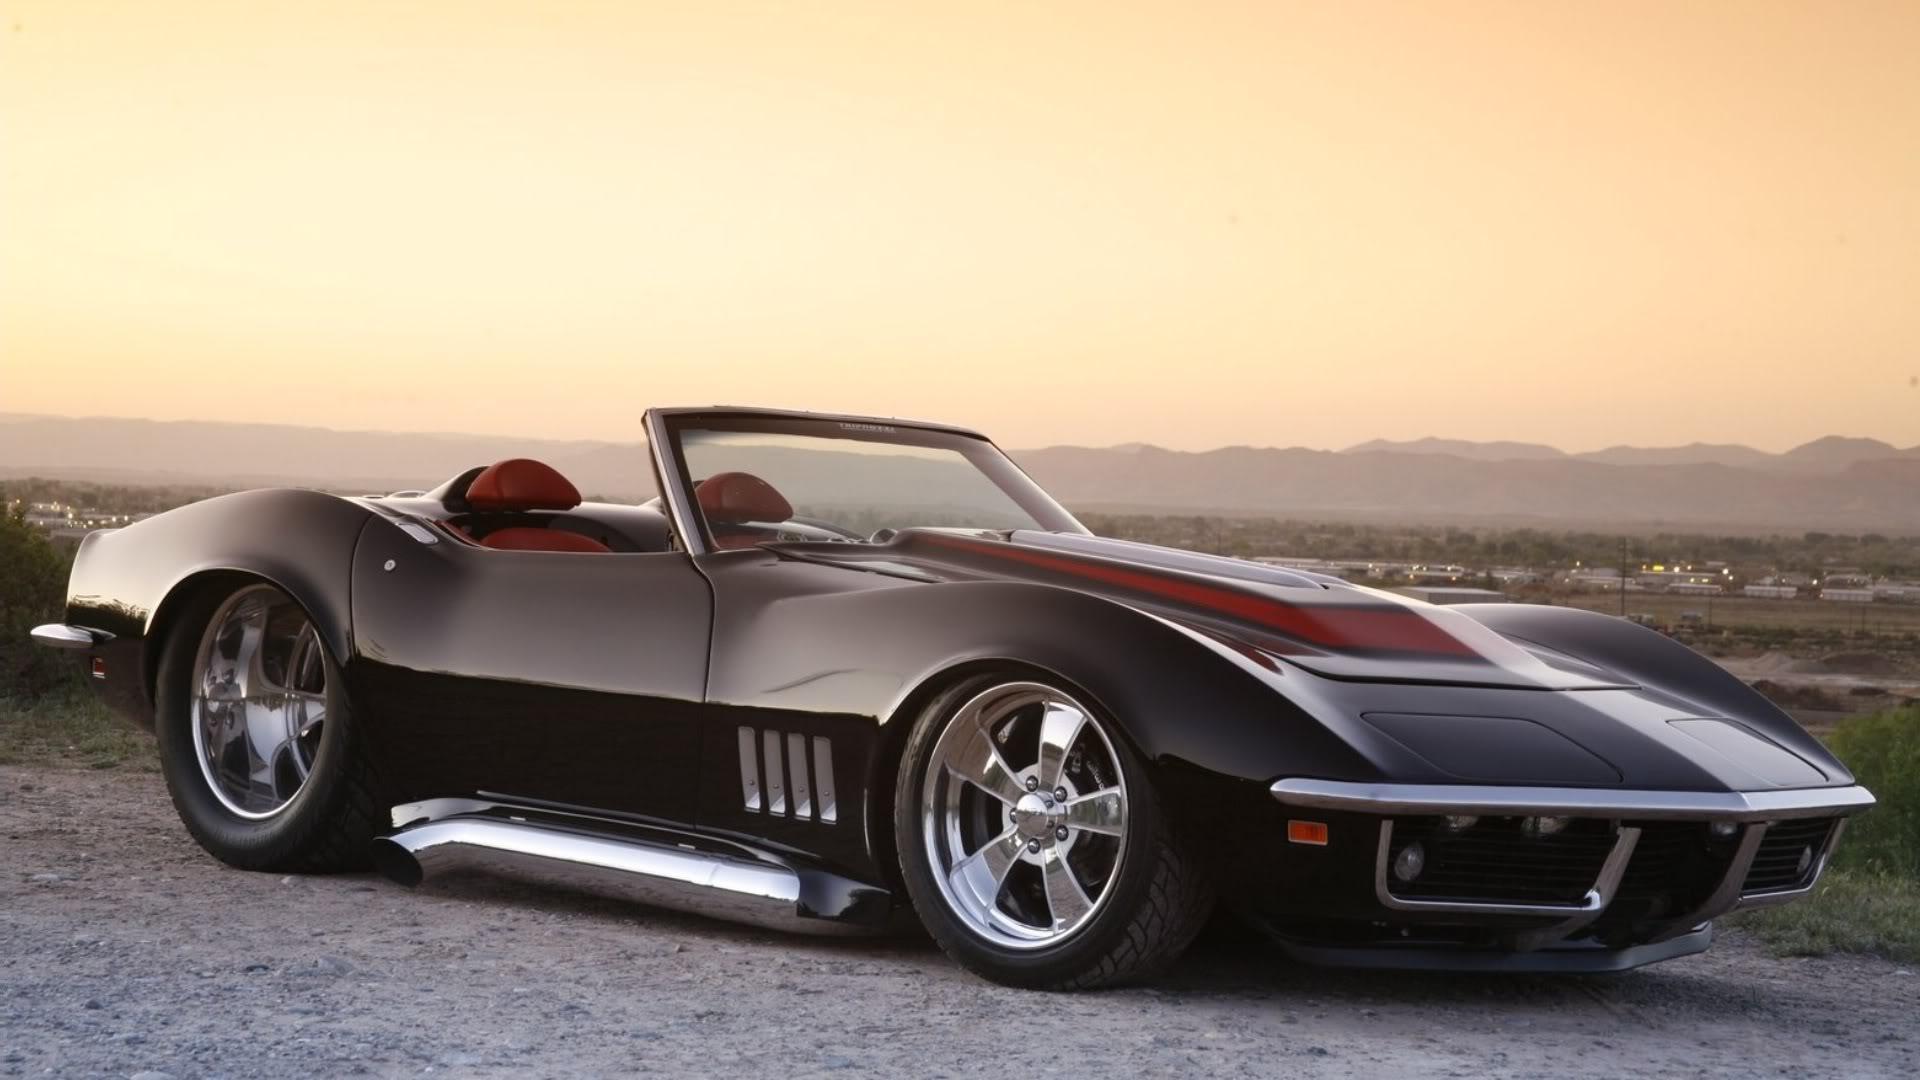 1969 black chevrolet corvette roadster wallpaper 1920x1080 36944 - Corvette Stingray 1969 Wallpaper